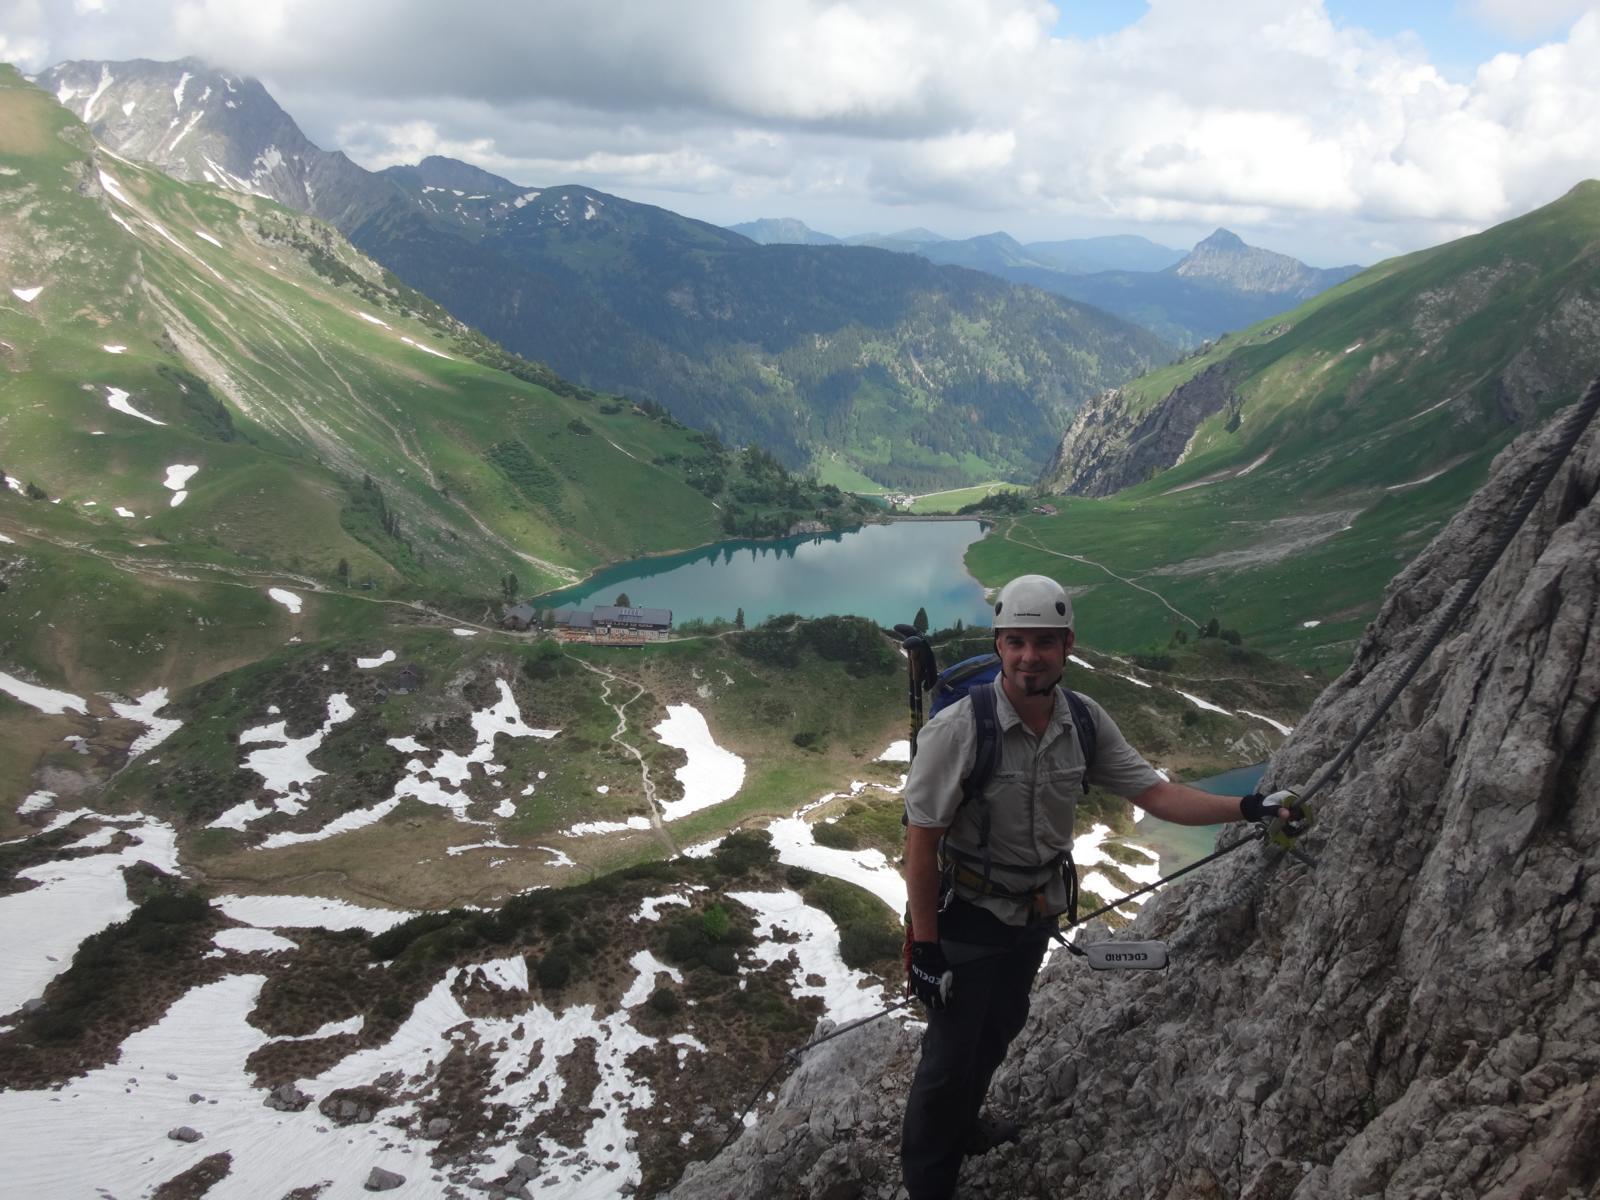 Klettersteig Lachenspitze : Klettersteig lachenspitze 2126 m schochenspitze 2069